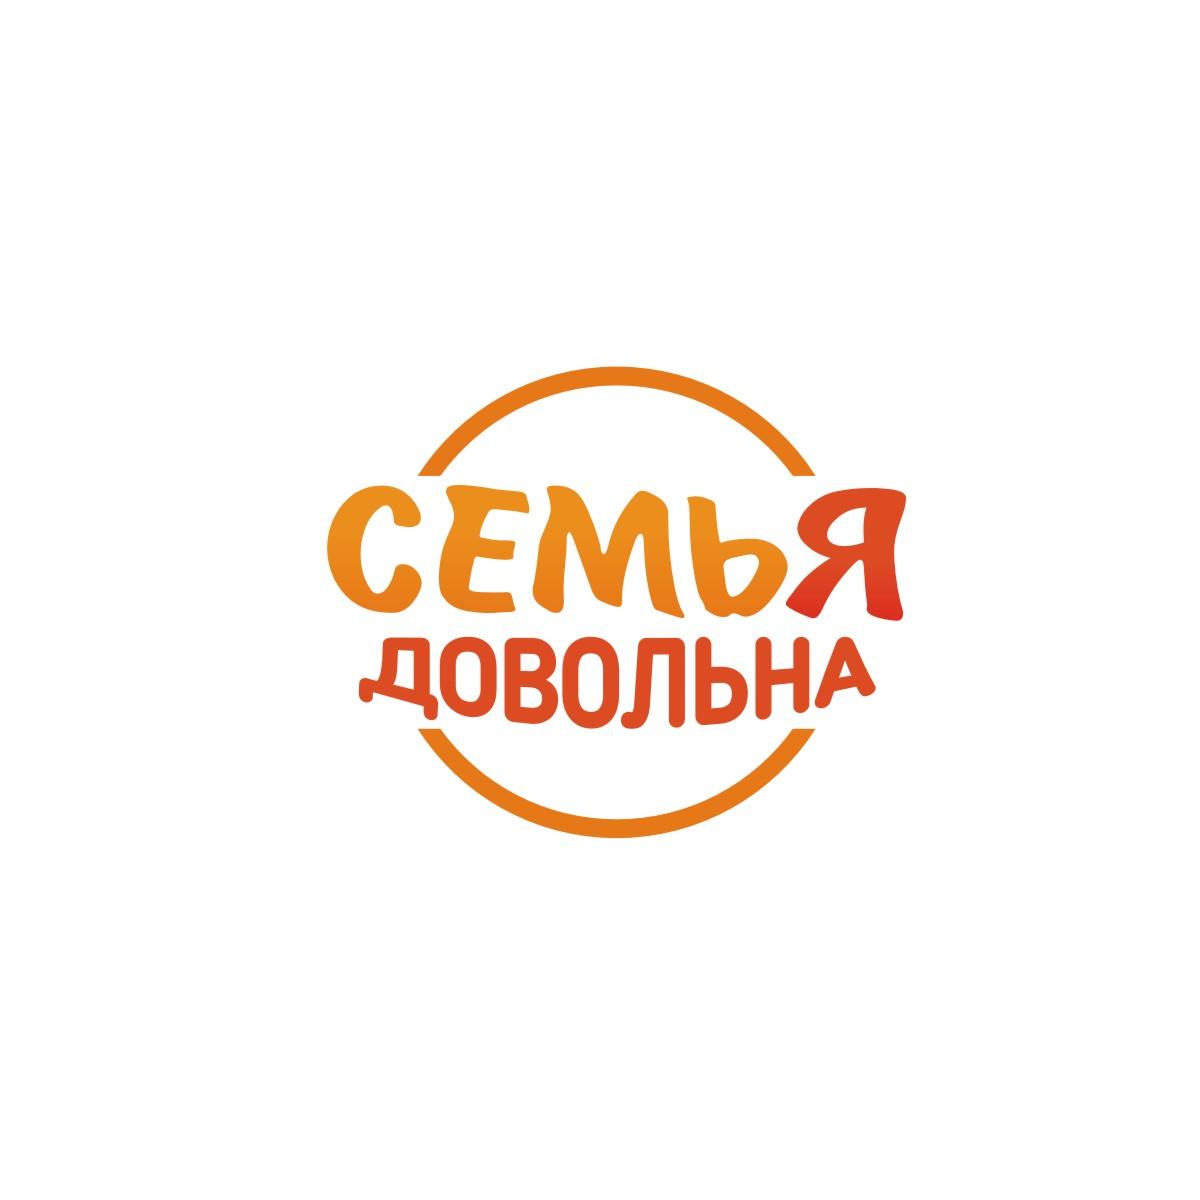 """Разработайте логотип для торговой марки """"Семья довольна"""" фото f_140596cfc6d47f10.jpg"""